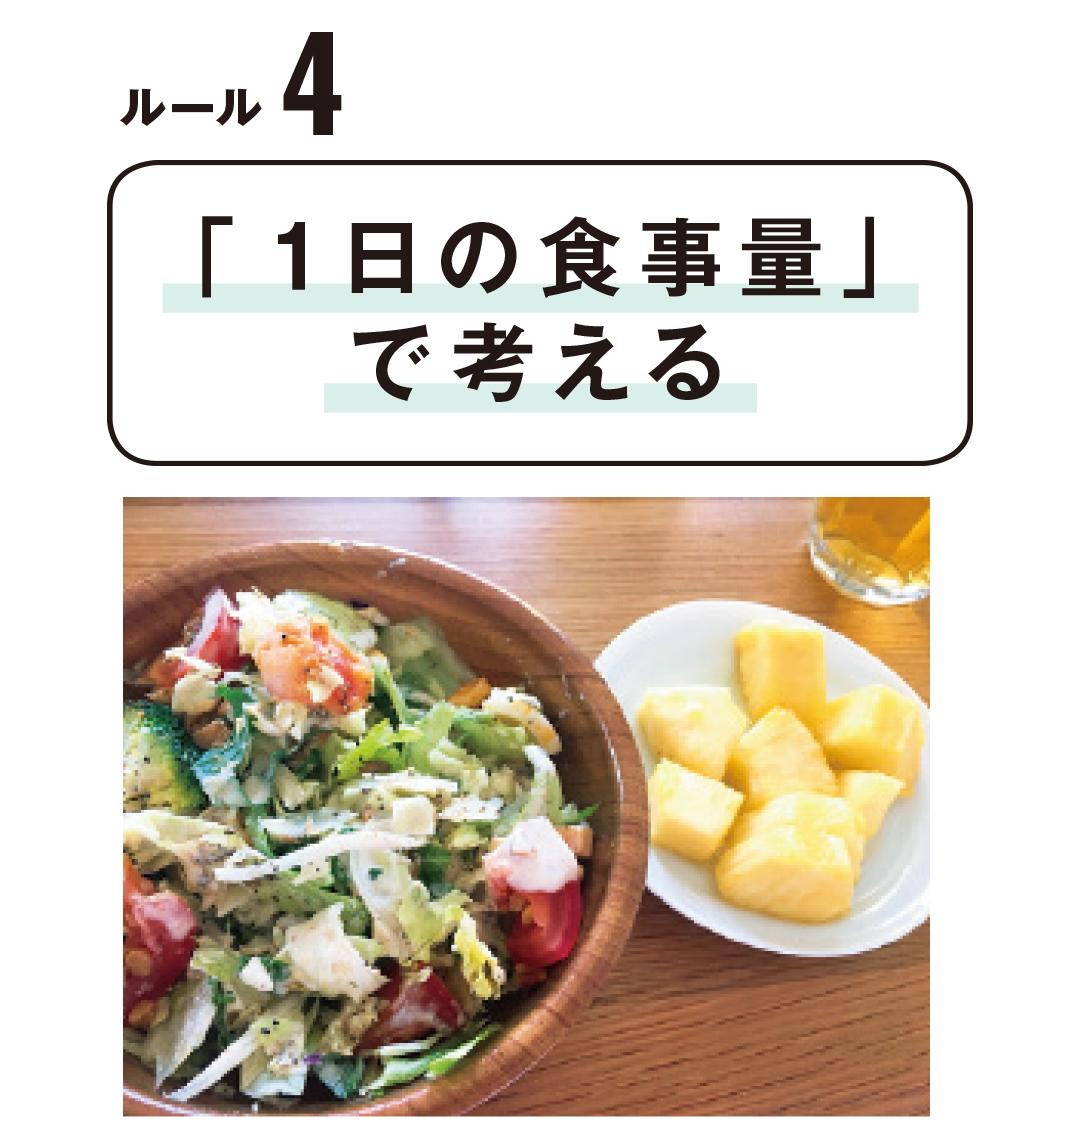 食べ物で痩せたい人必見! 専属読モ・細野ゆうかさんが-3.6kgを達成した6つのルール_1_2-4